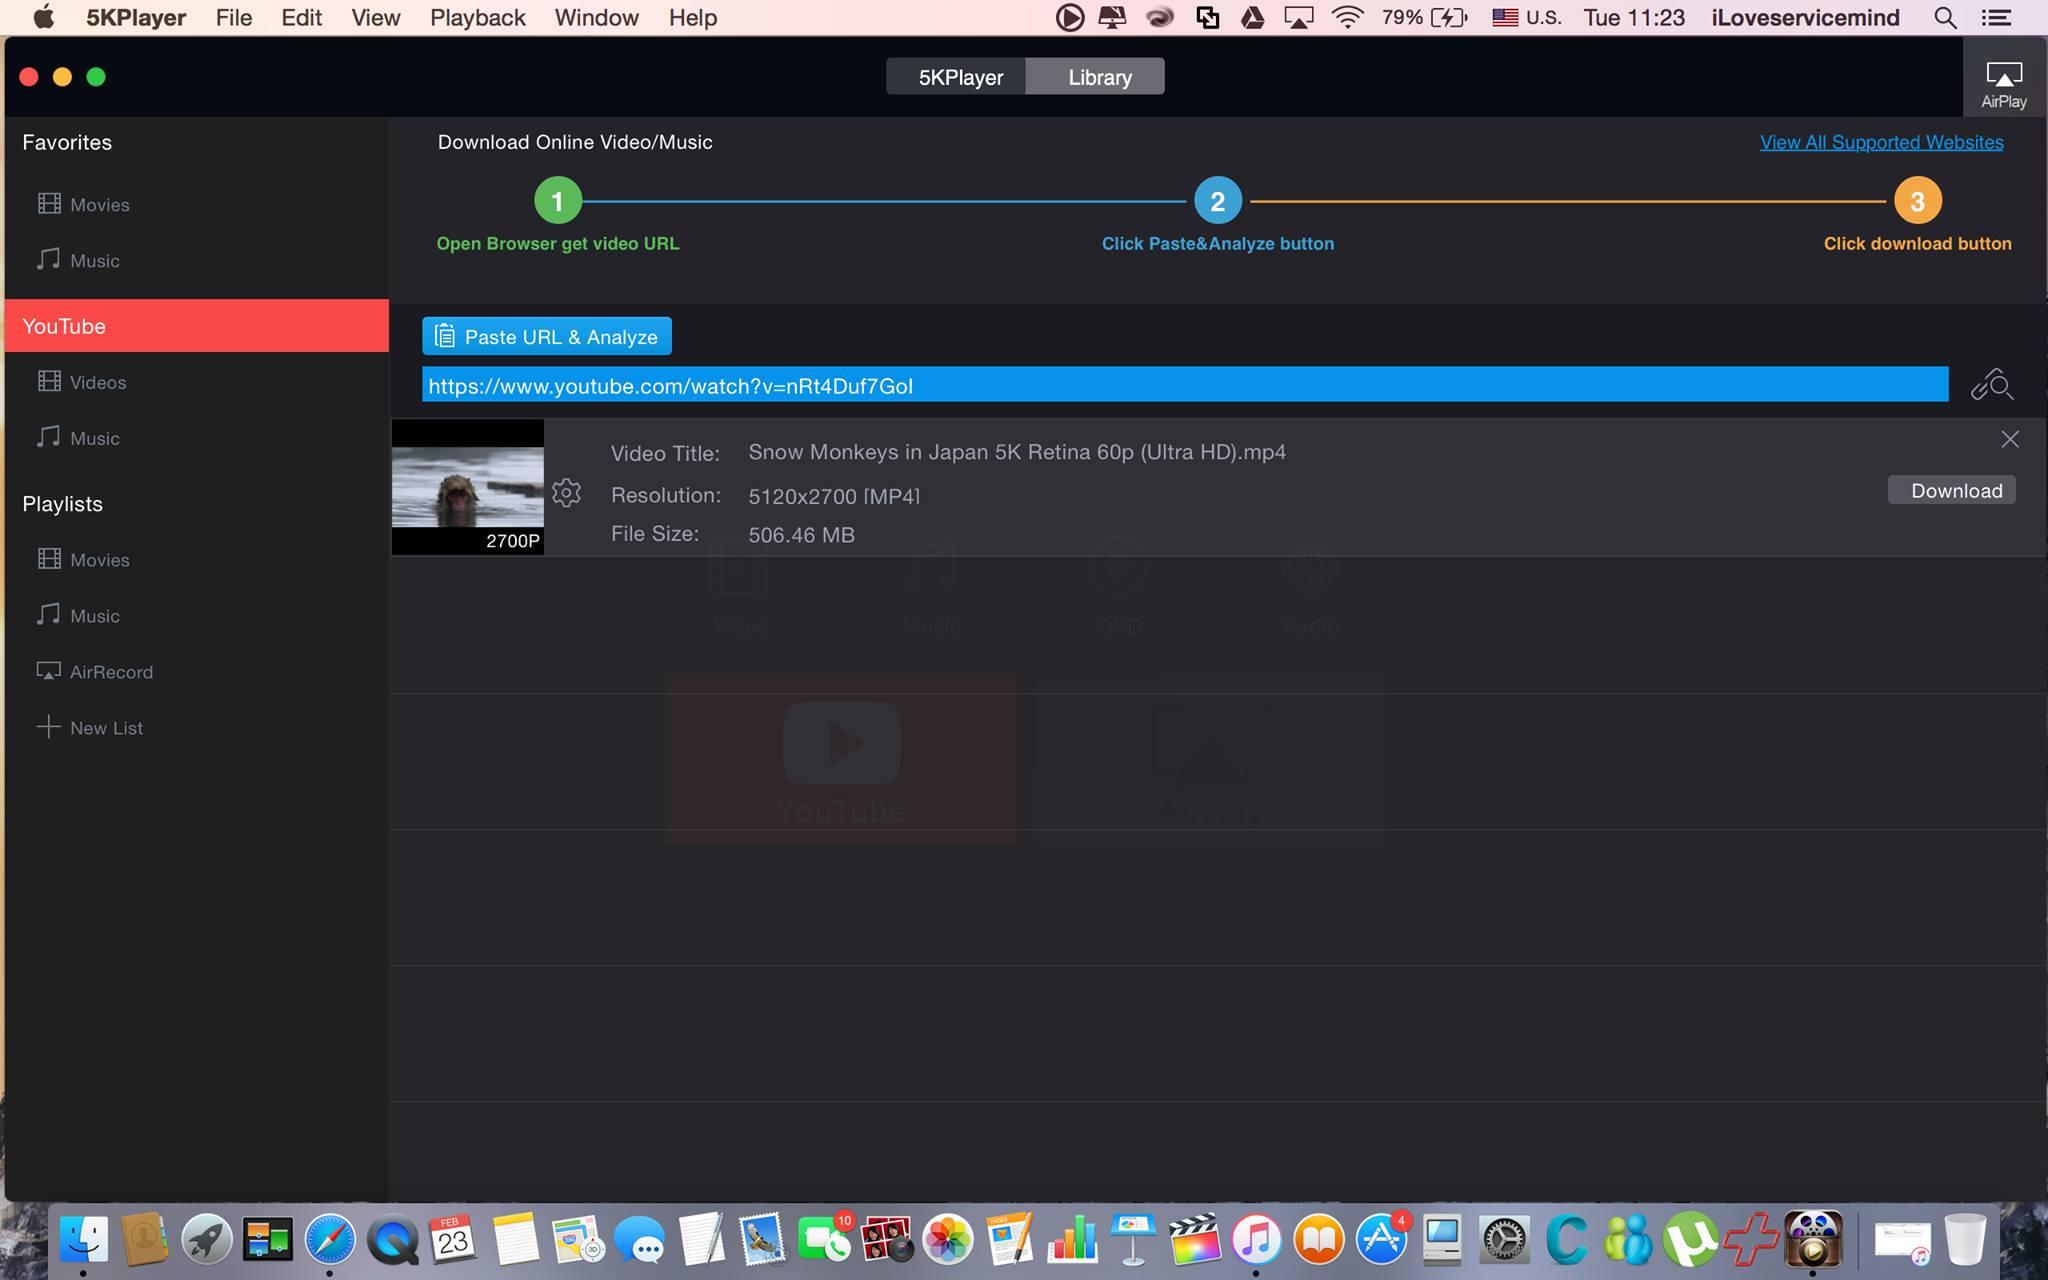 ฟรี !! 5KPlayer โปรแกรมเปิด ไฟล์ VDO 5K รองรับ บน Mac / Windows